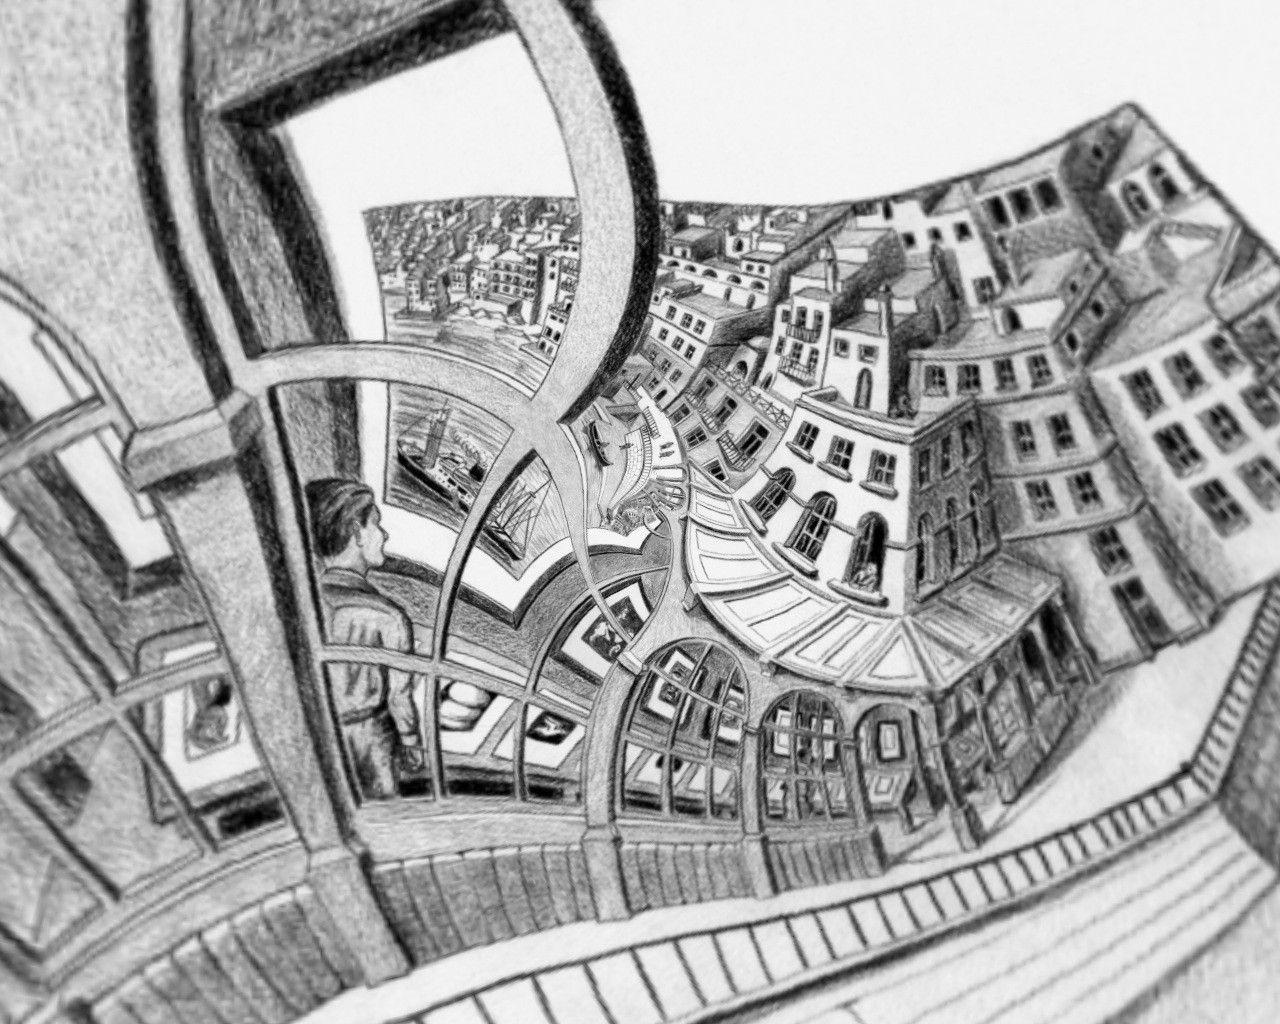 Mc escher wallpaper drawing pinterest mc escher and wallpaper mc escher wallpaper doublecrazyfo Images